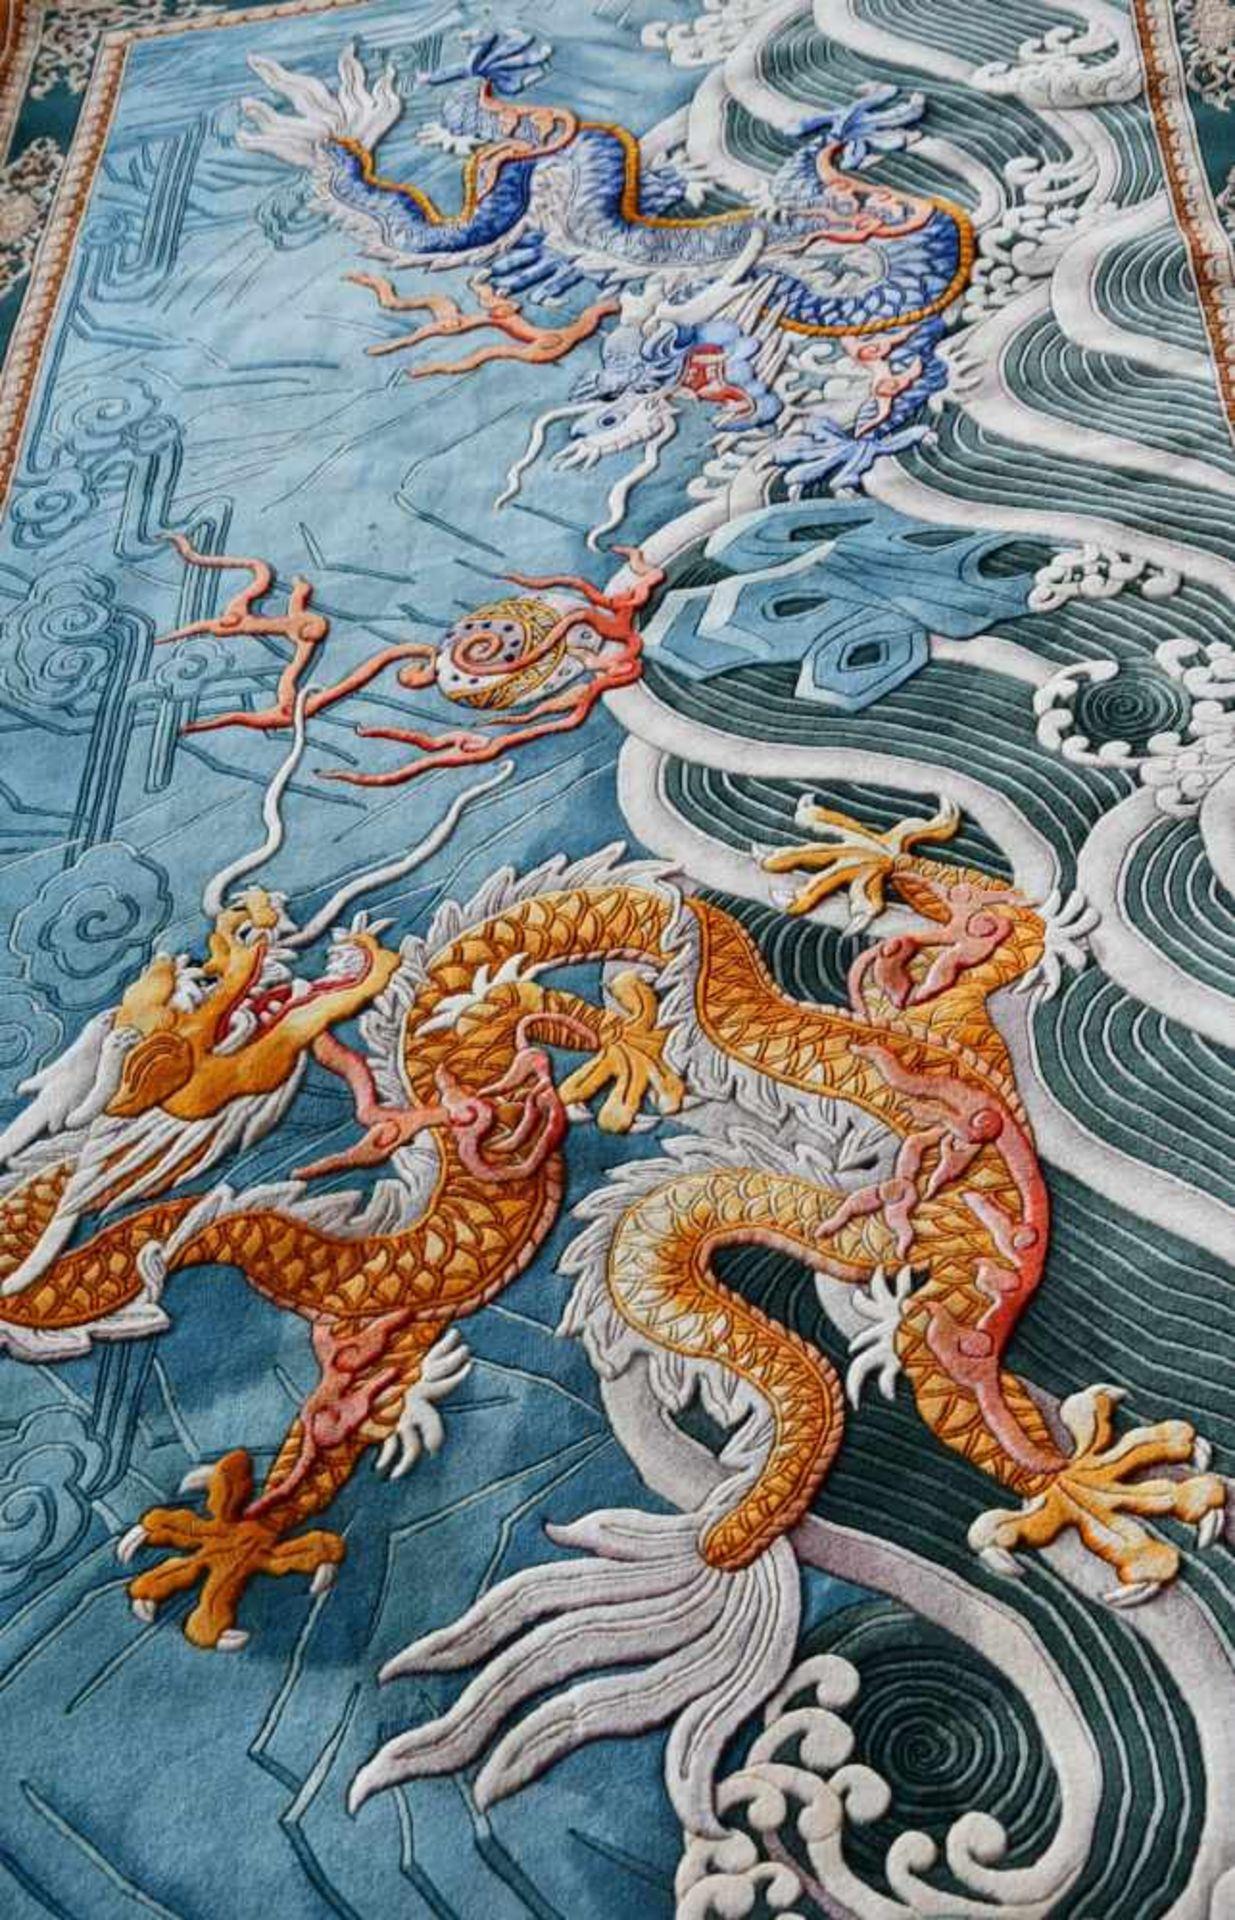 Großer Wandteppich, ChinaKampf des goldenen und blauen Drachen auf türkisfarbenem Fond, unten - Bild 5 aus 6